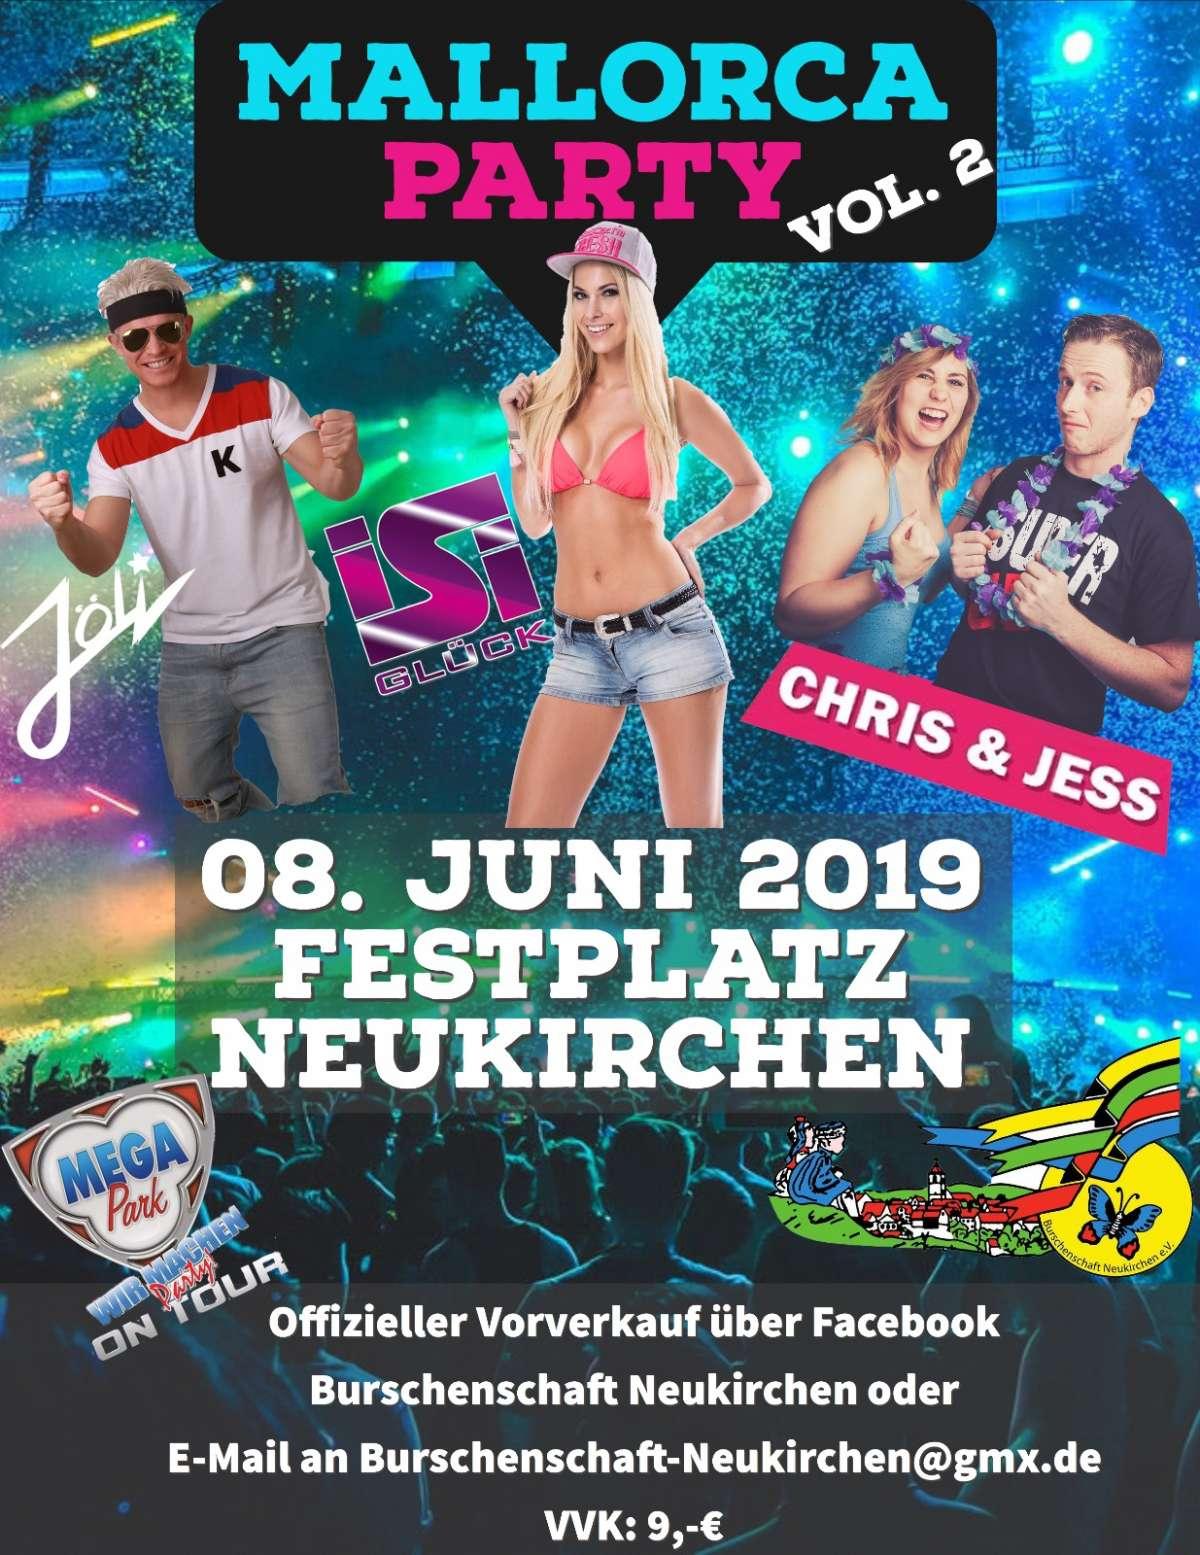 Veranstaltungen & Events am »Samstag, 08. Juni 2019« in deiner Nähe...